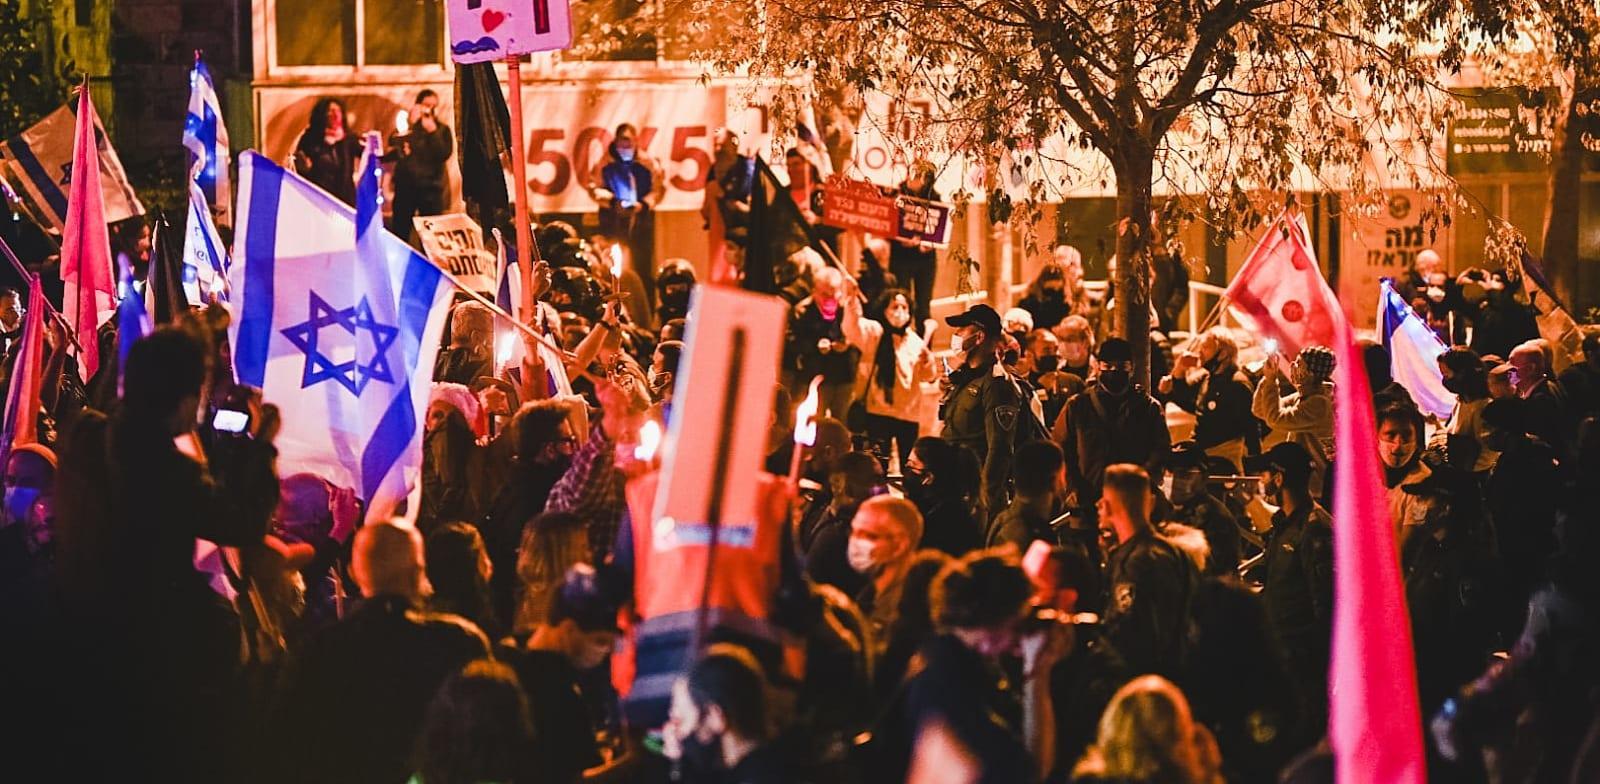 מפגינים נגד ראש הממשלה / צילום: אמנון חורש